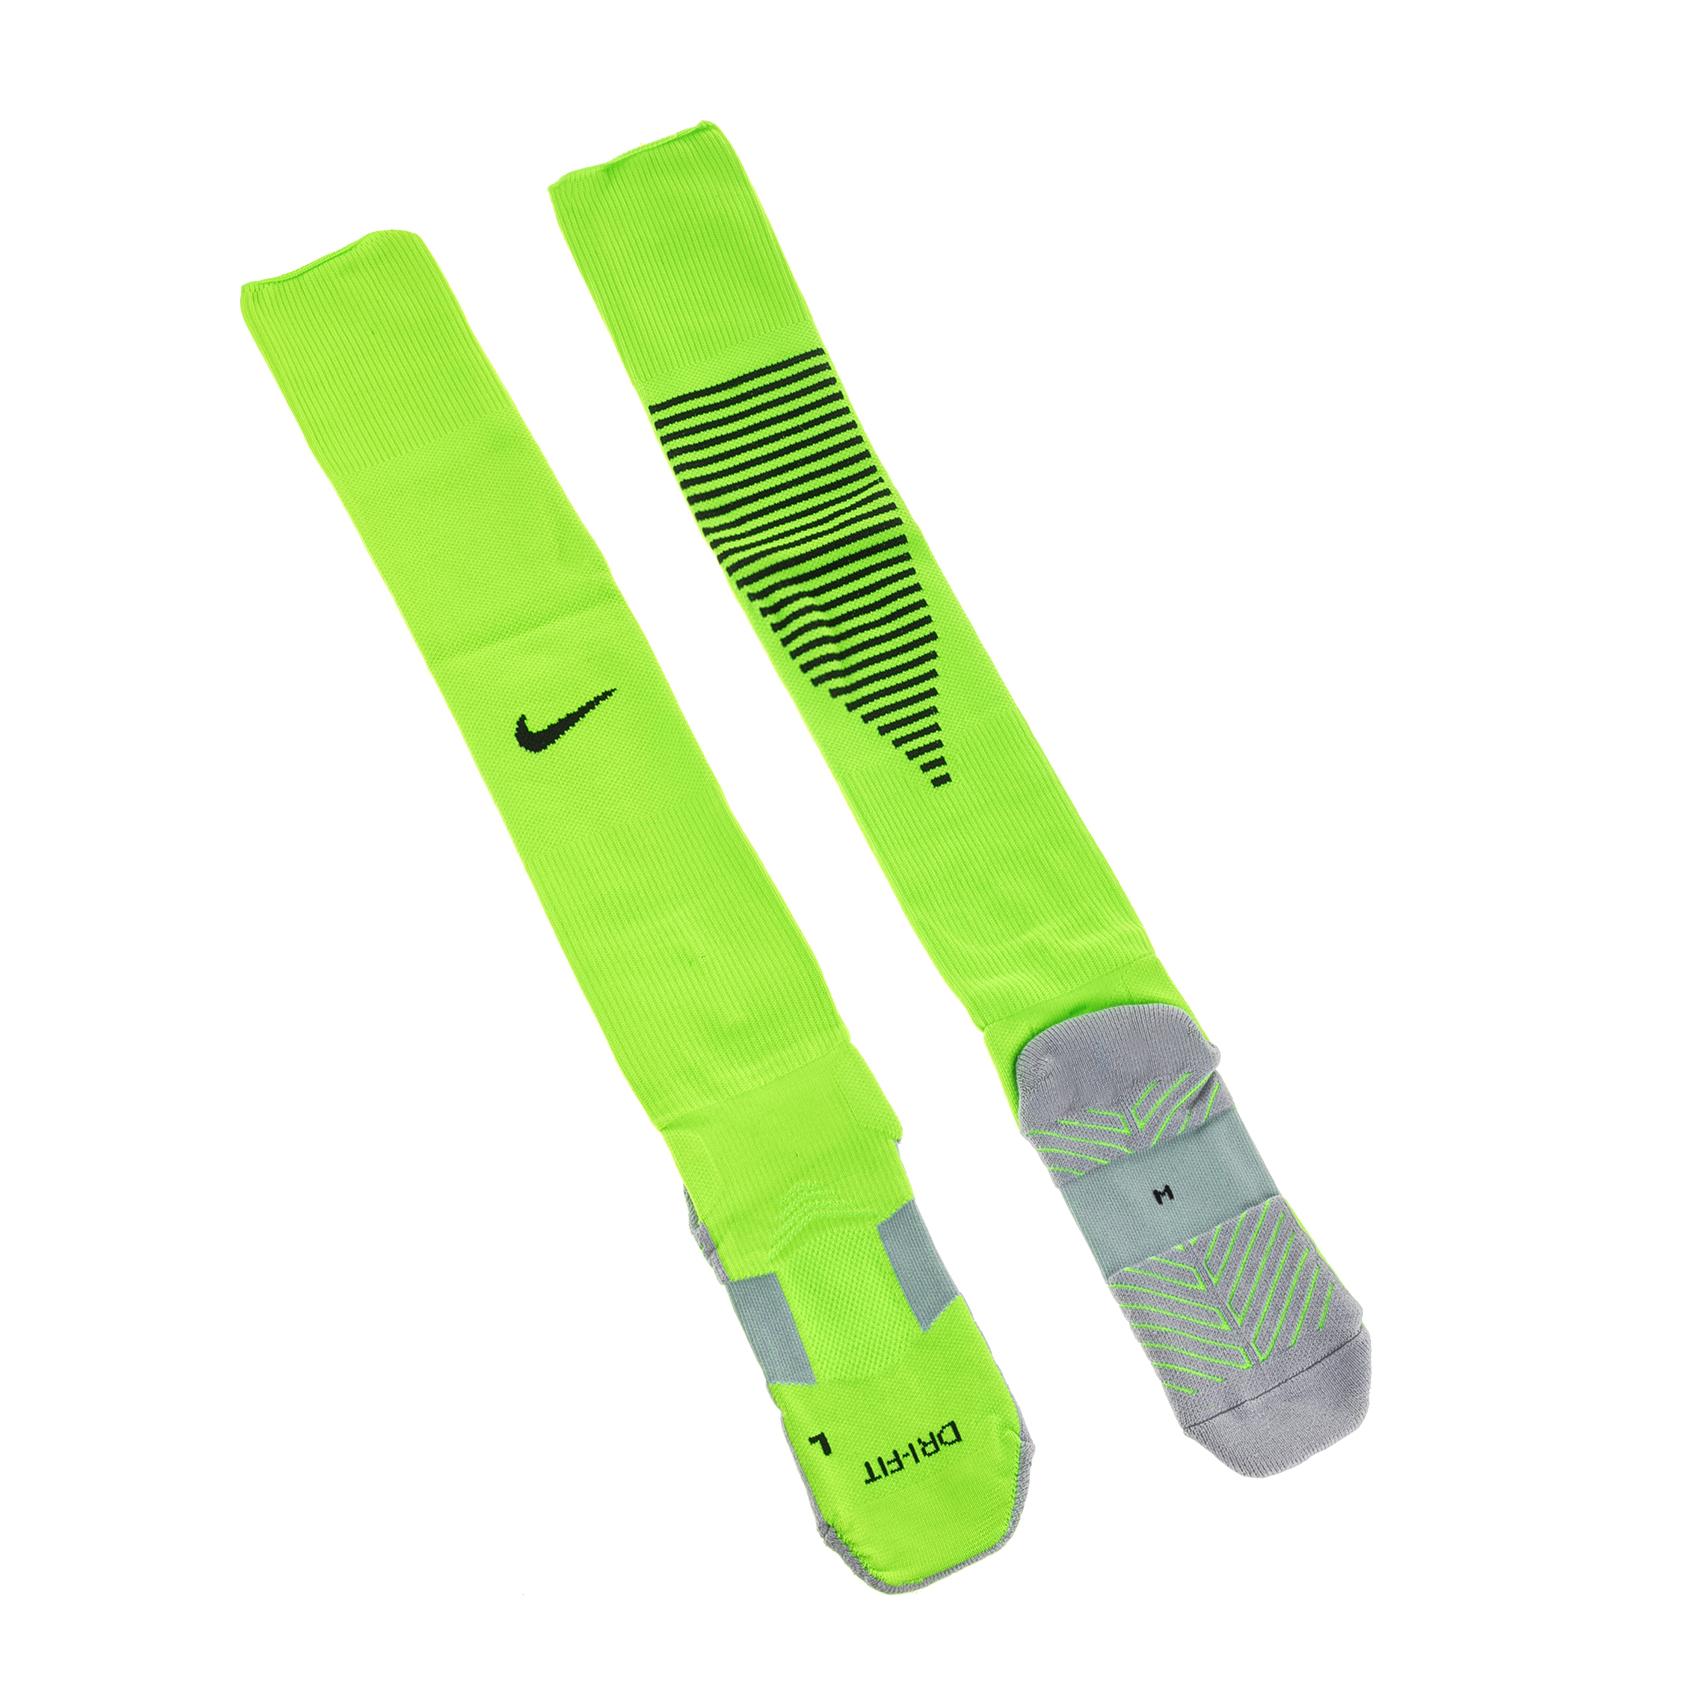 NIKE - Unisex κάλτσες Nike SQUAD OTC πράσινες γυναικεία αξεσουάρ κάλτσες